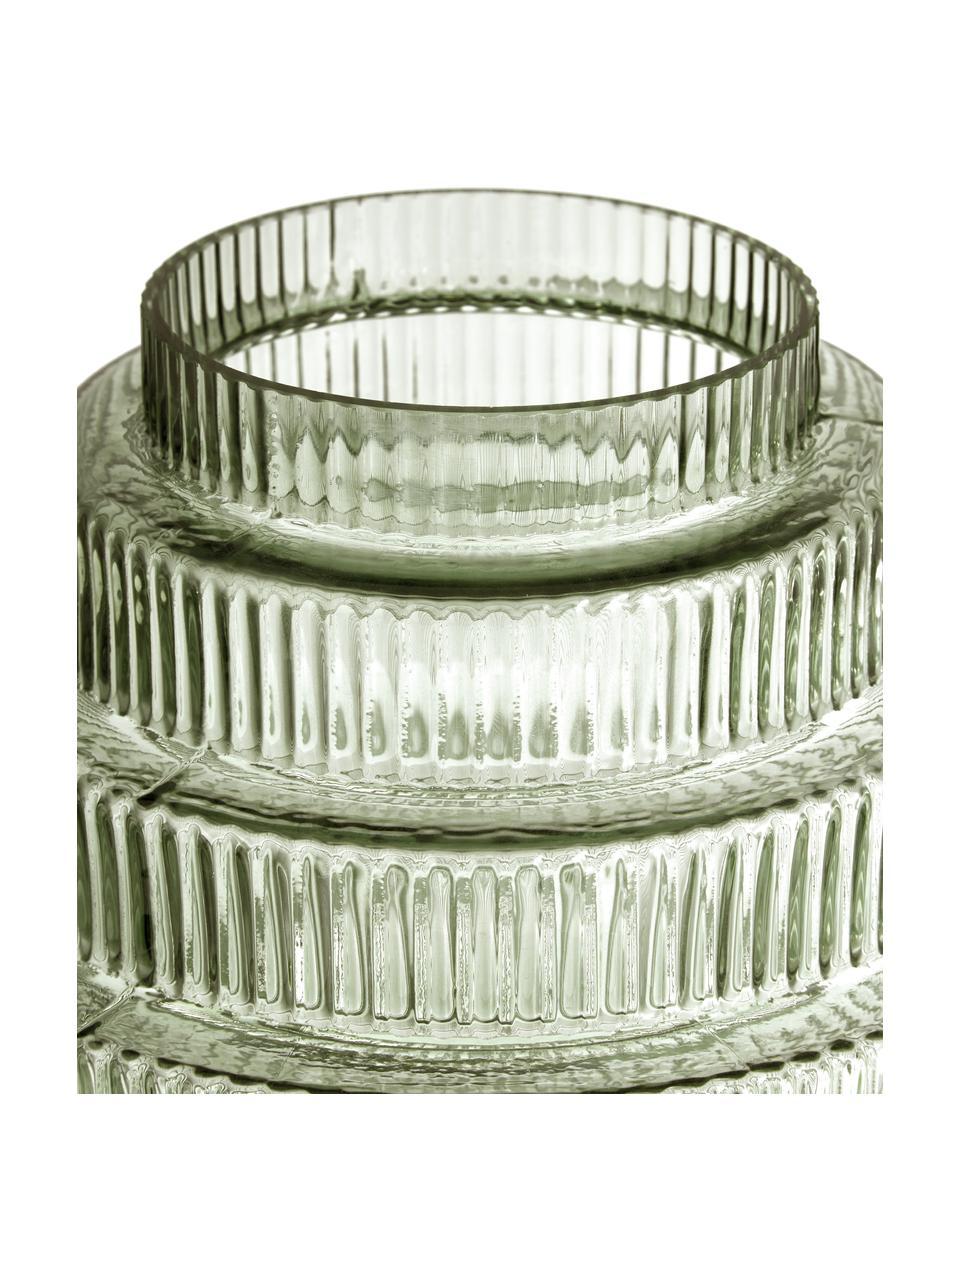 Vaso di design moderno in vetro verde Rilla, Vetro, Verde, Ø 16 x Alt. 16 cm